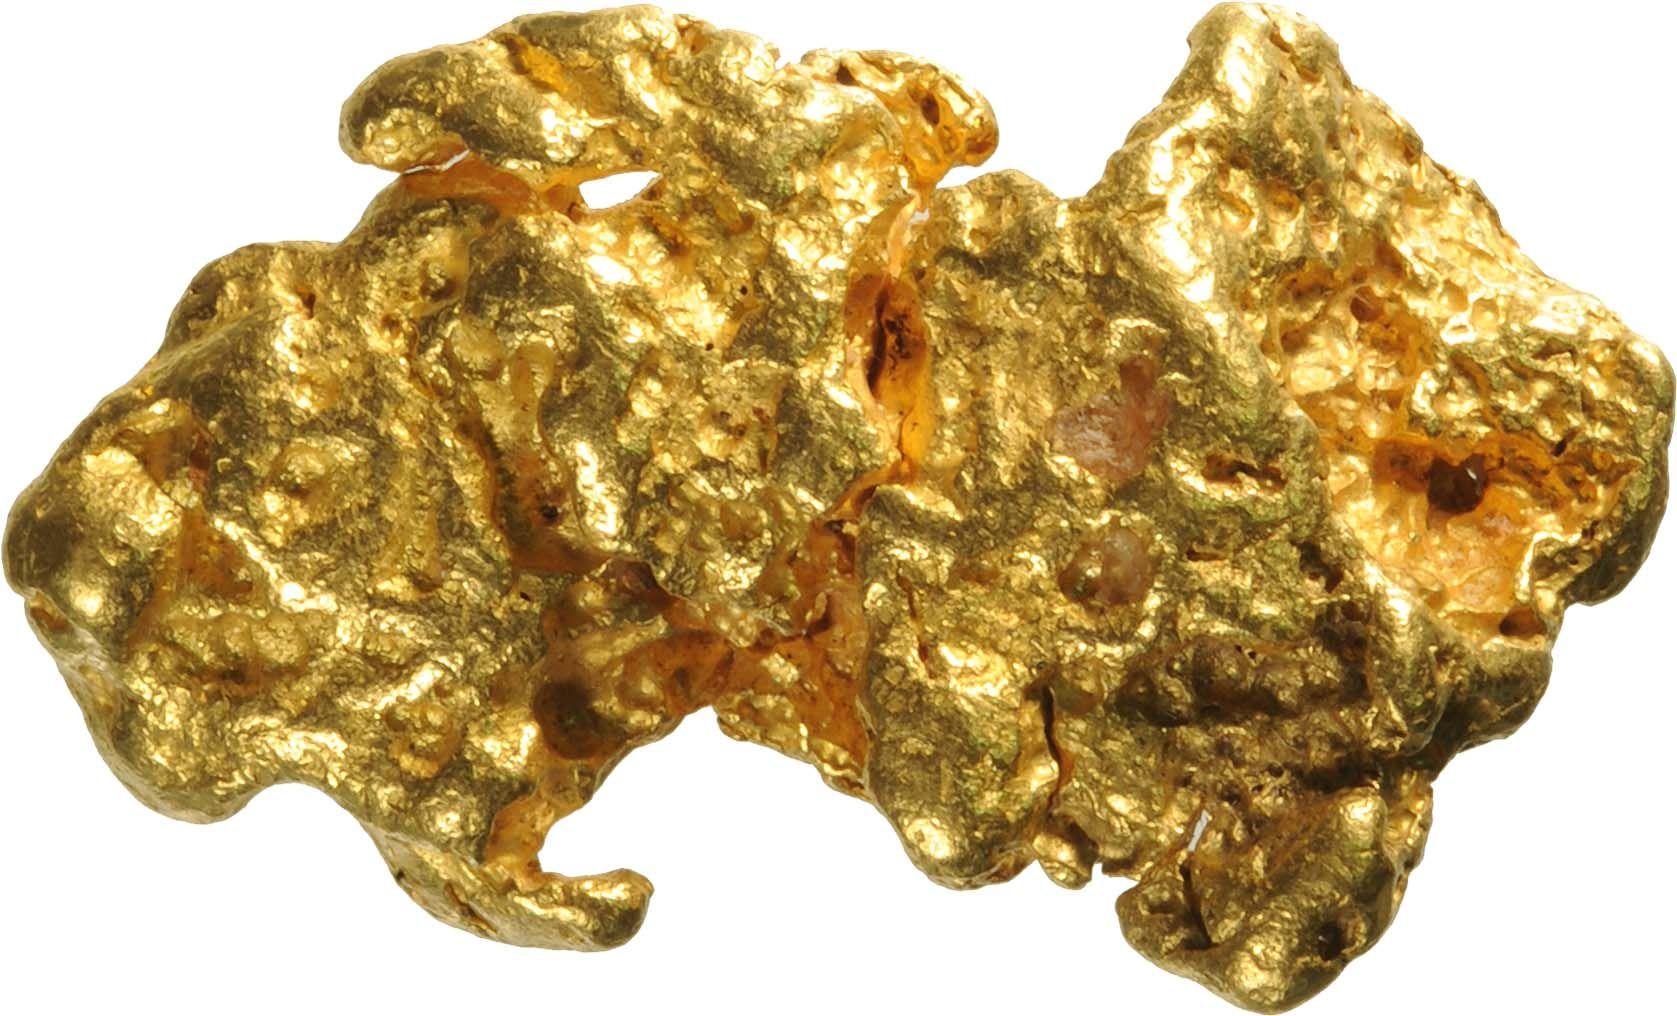 Mineral-bar-gold-panning-california.jpg (1677×1016) | Pinterest ...